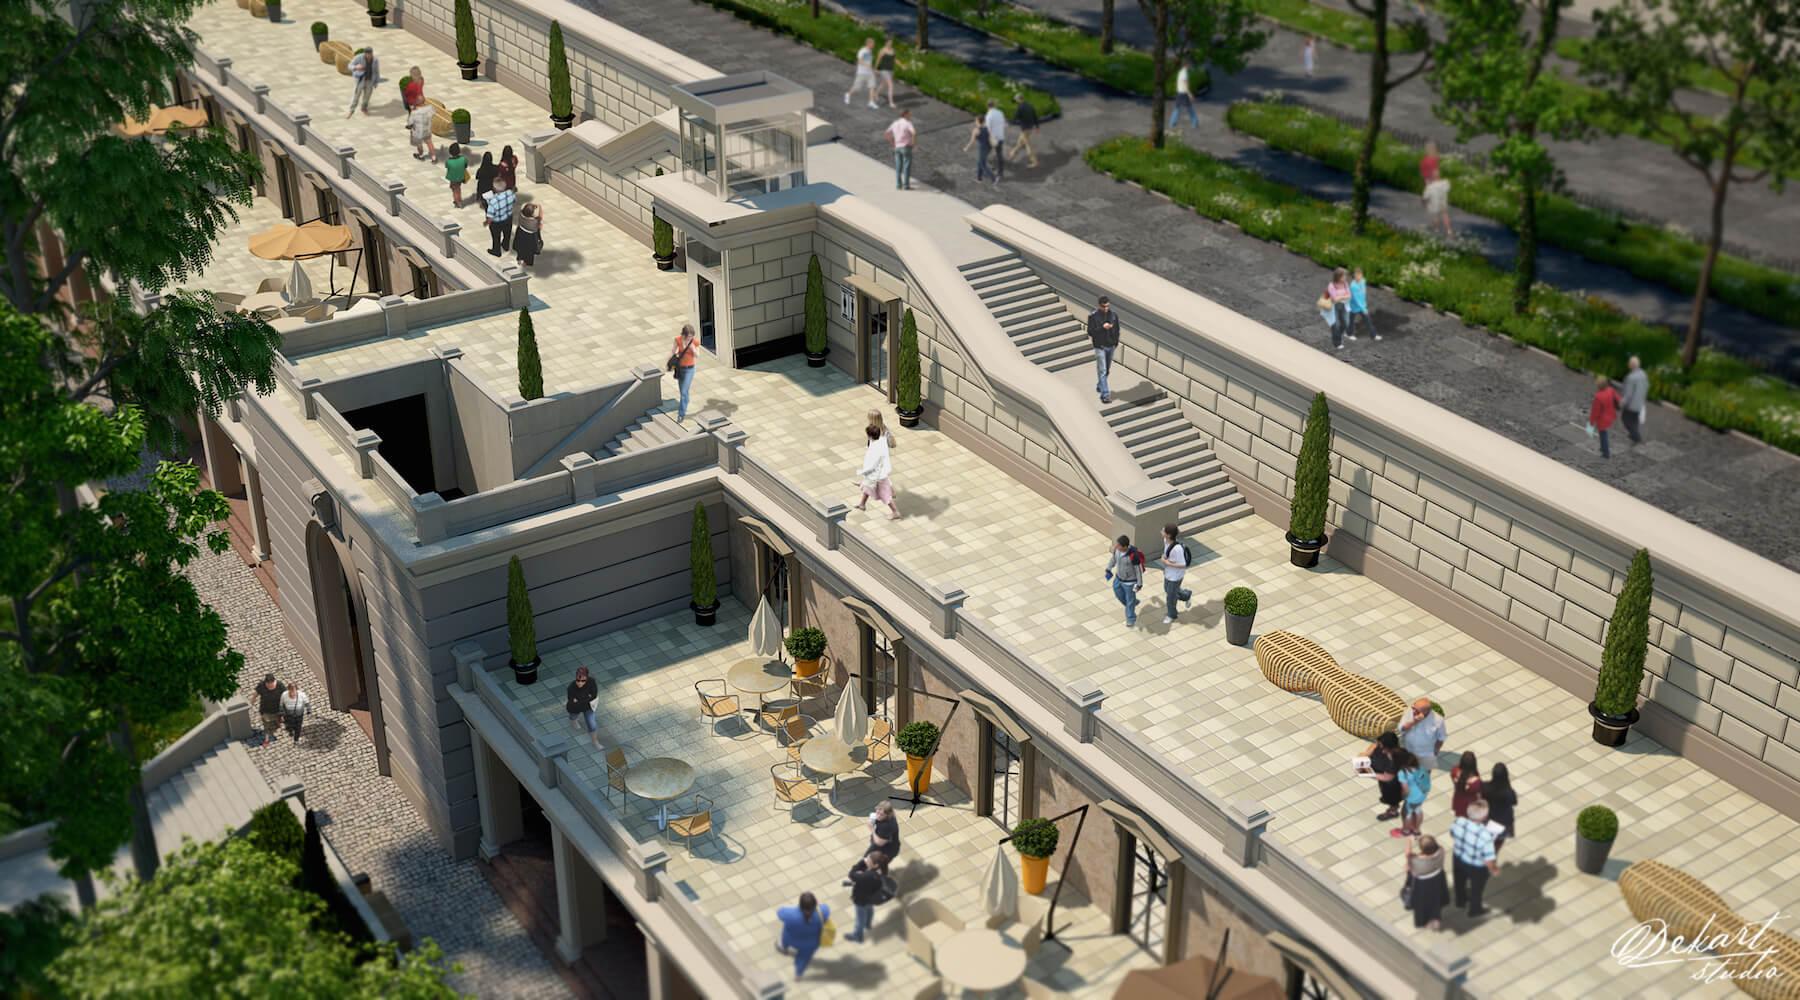 Под одесским Приморским бульваром планируют создать роскошный Греческий парк с фонтанами, лифтами и террасами (фото)